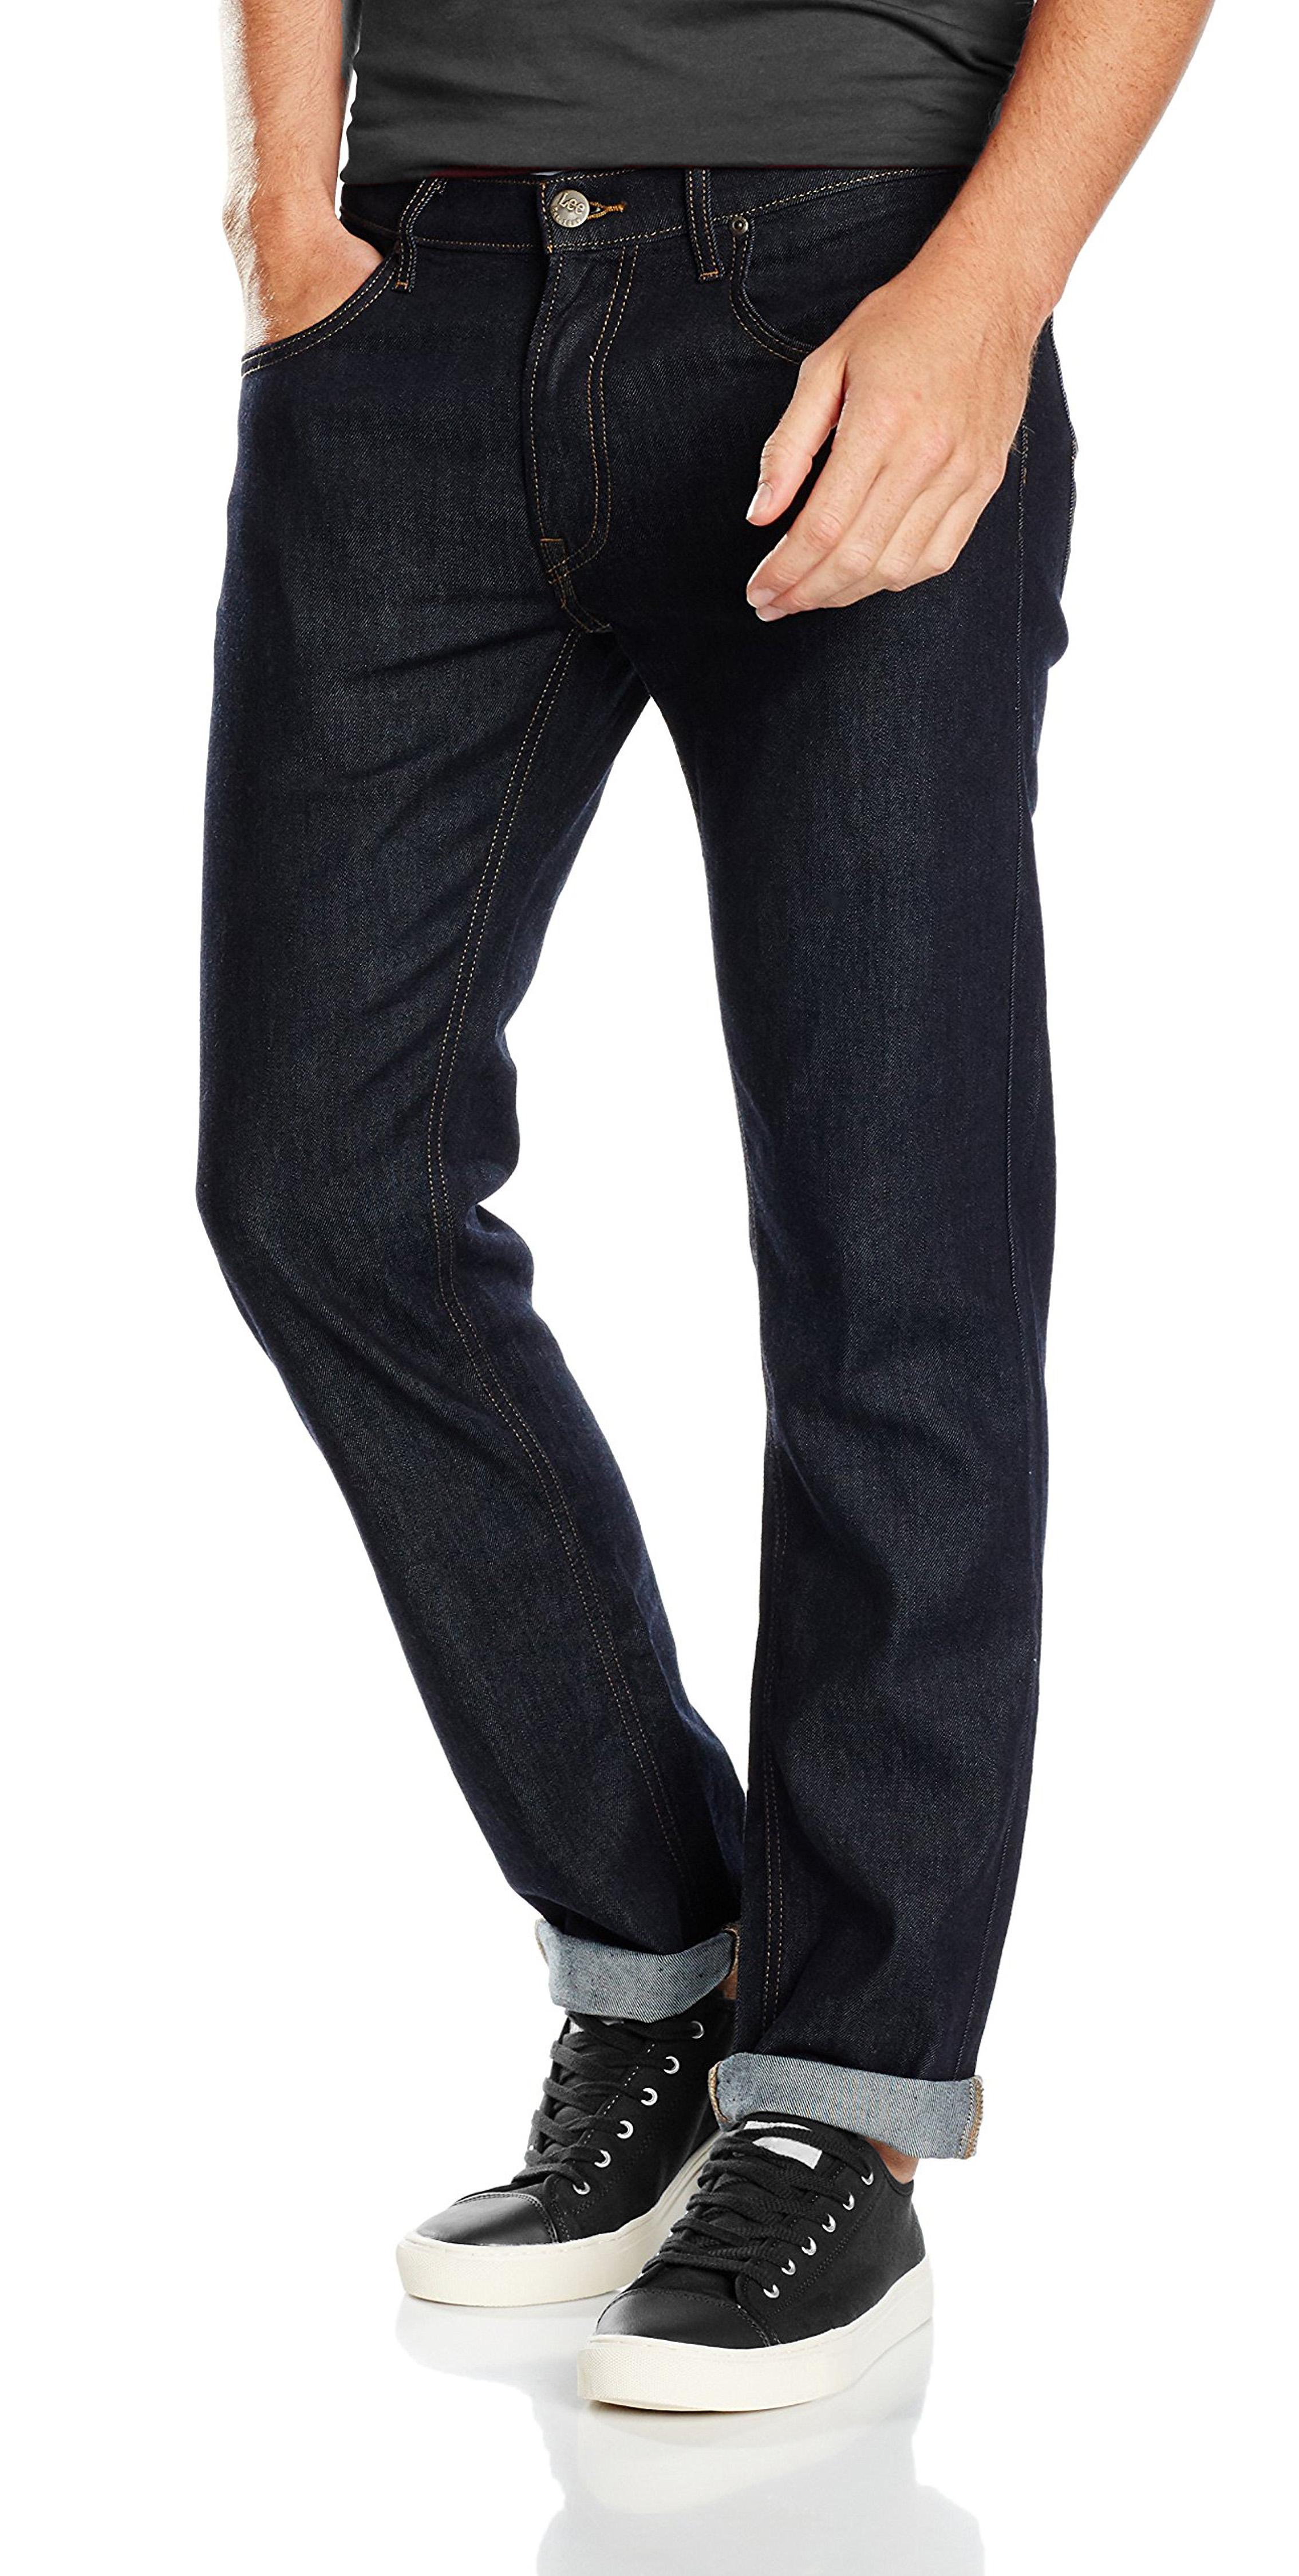 Lee Daren Zip Fly Regular Fit Slim Leg Jeans Men Tapered Denim Pants Black Rinse